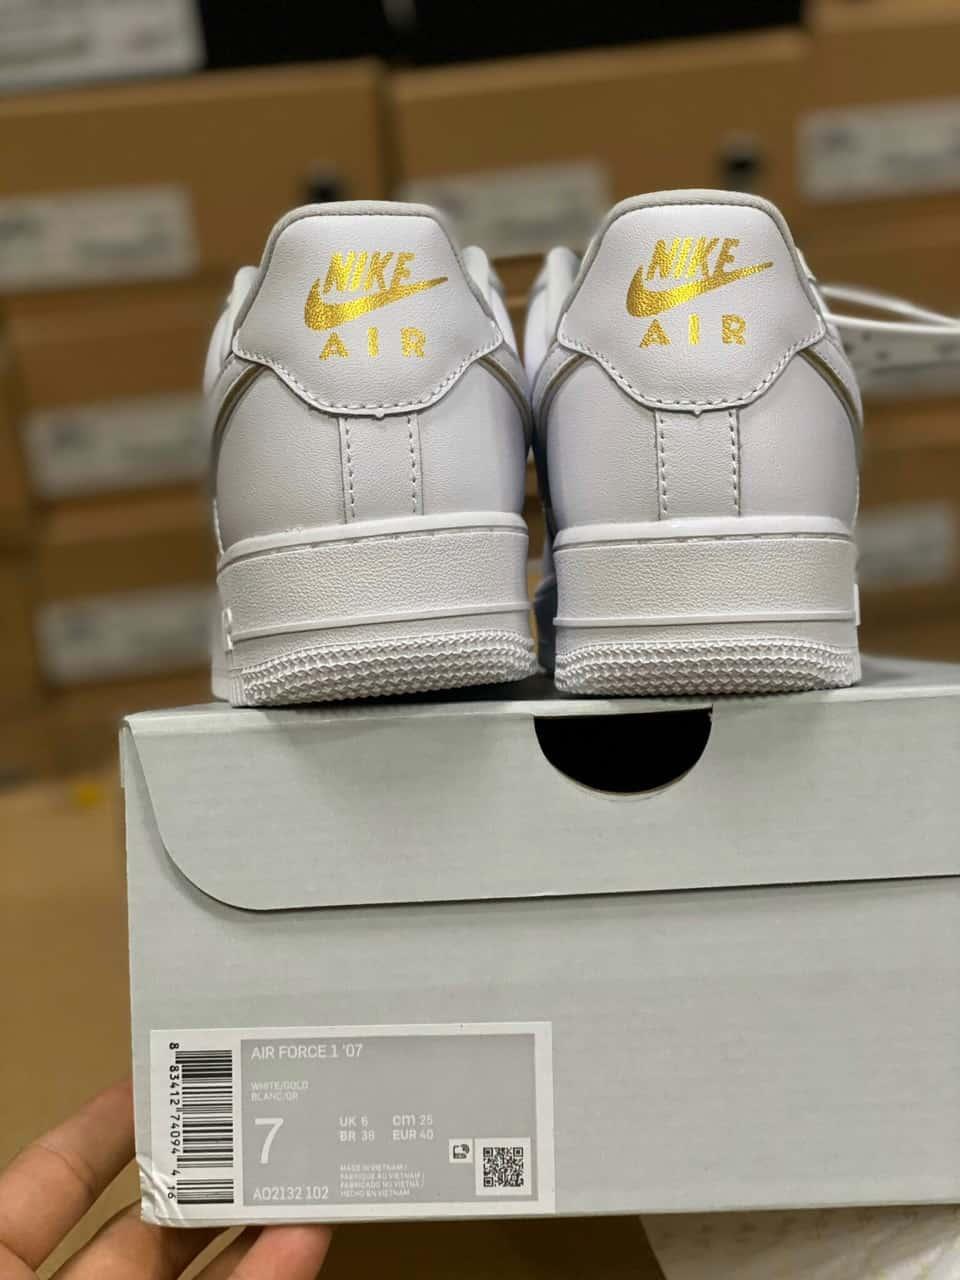 Giày thể thao Nike Air Force 1 Viền Vàng phù hợp với mọi thời trang cá tính